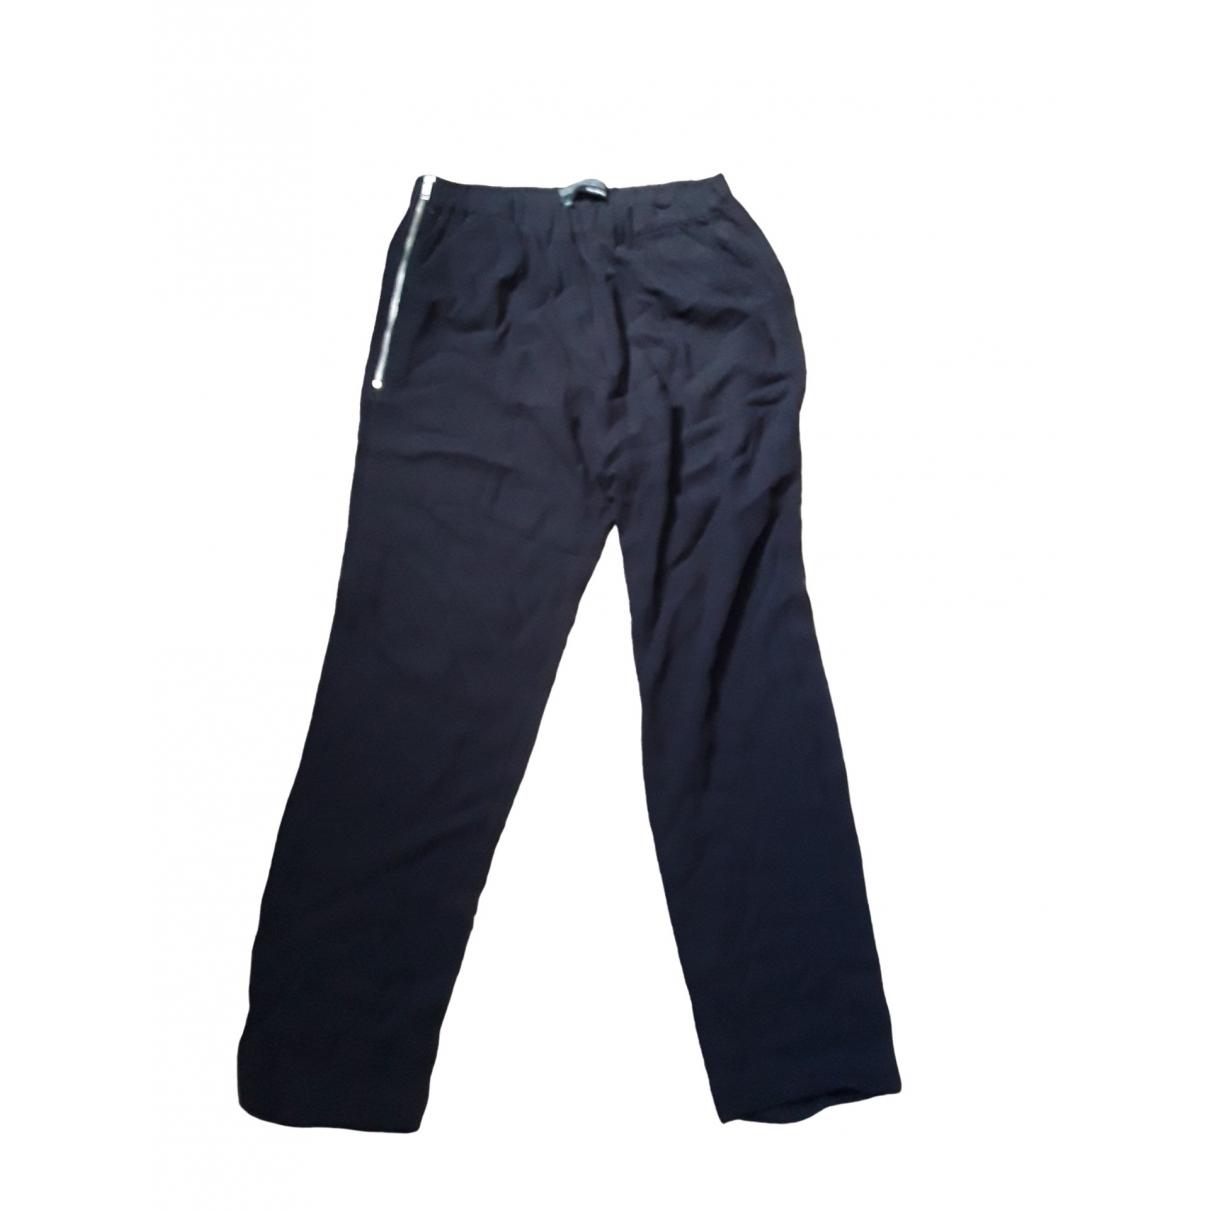 Pantalon en Viscosa Negro The Kooples